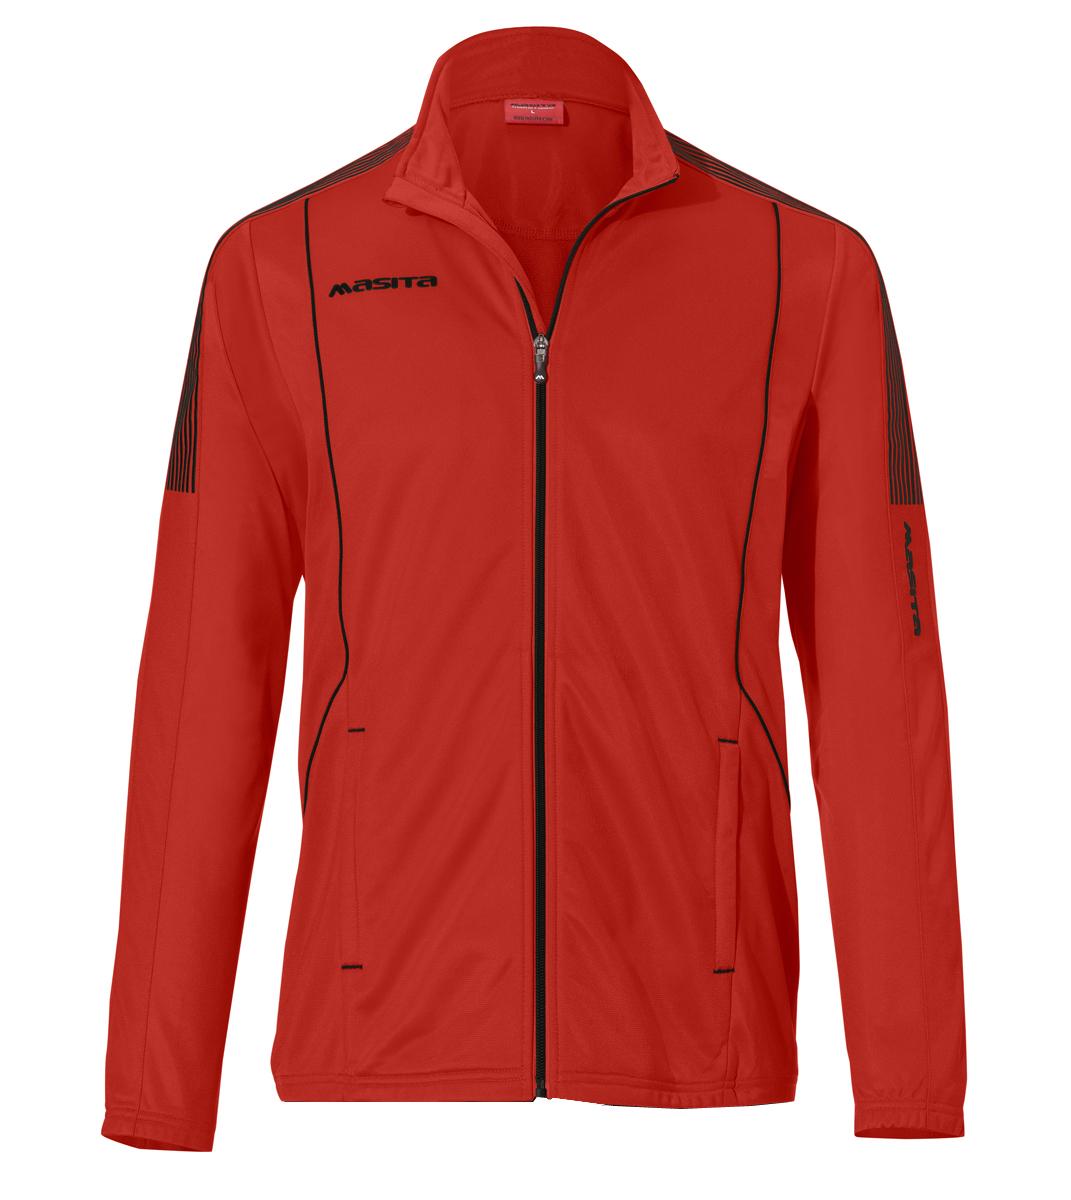 Presentation Jacket Barca  Red / Black